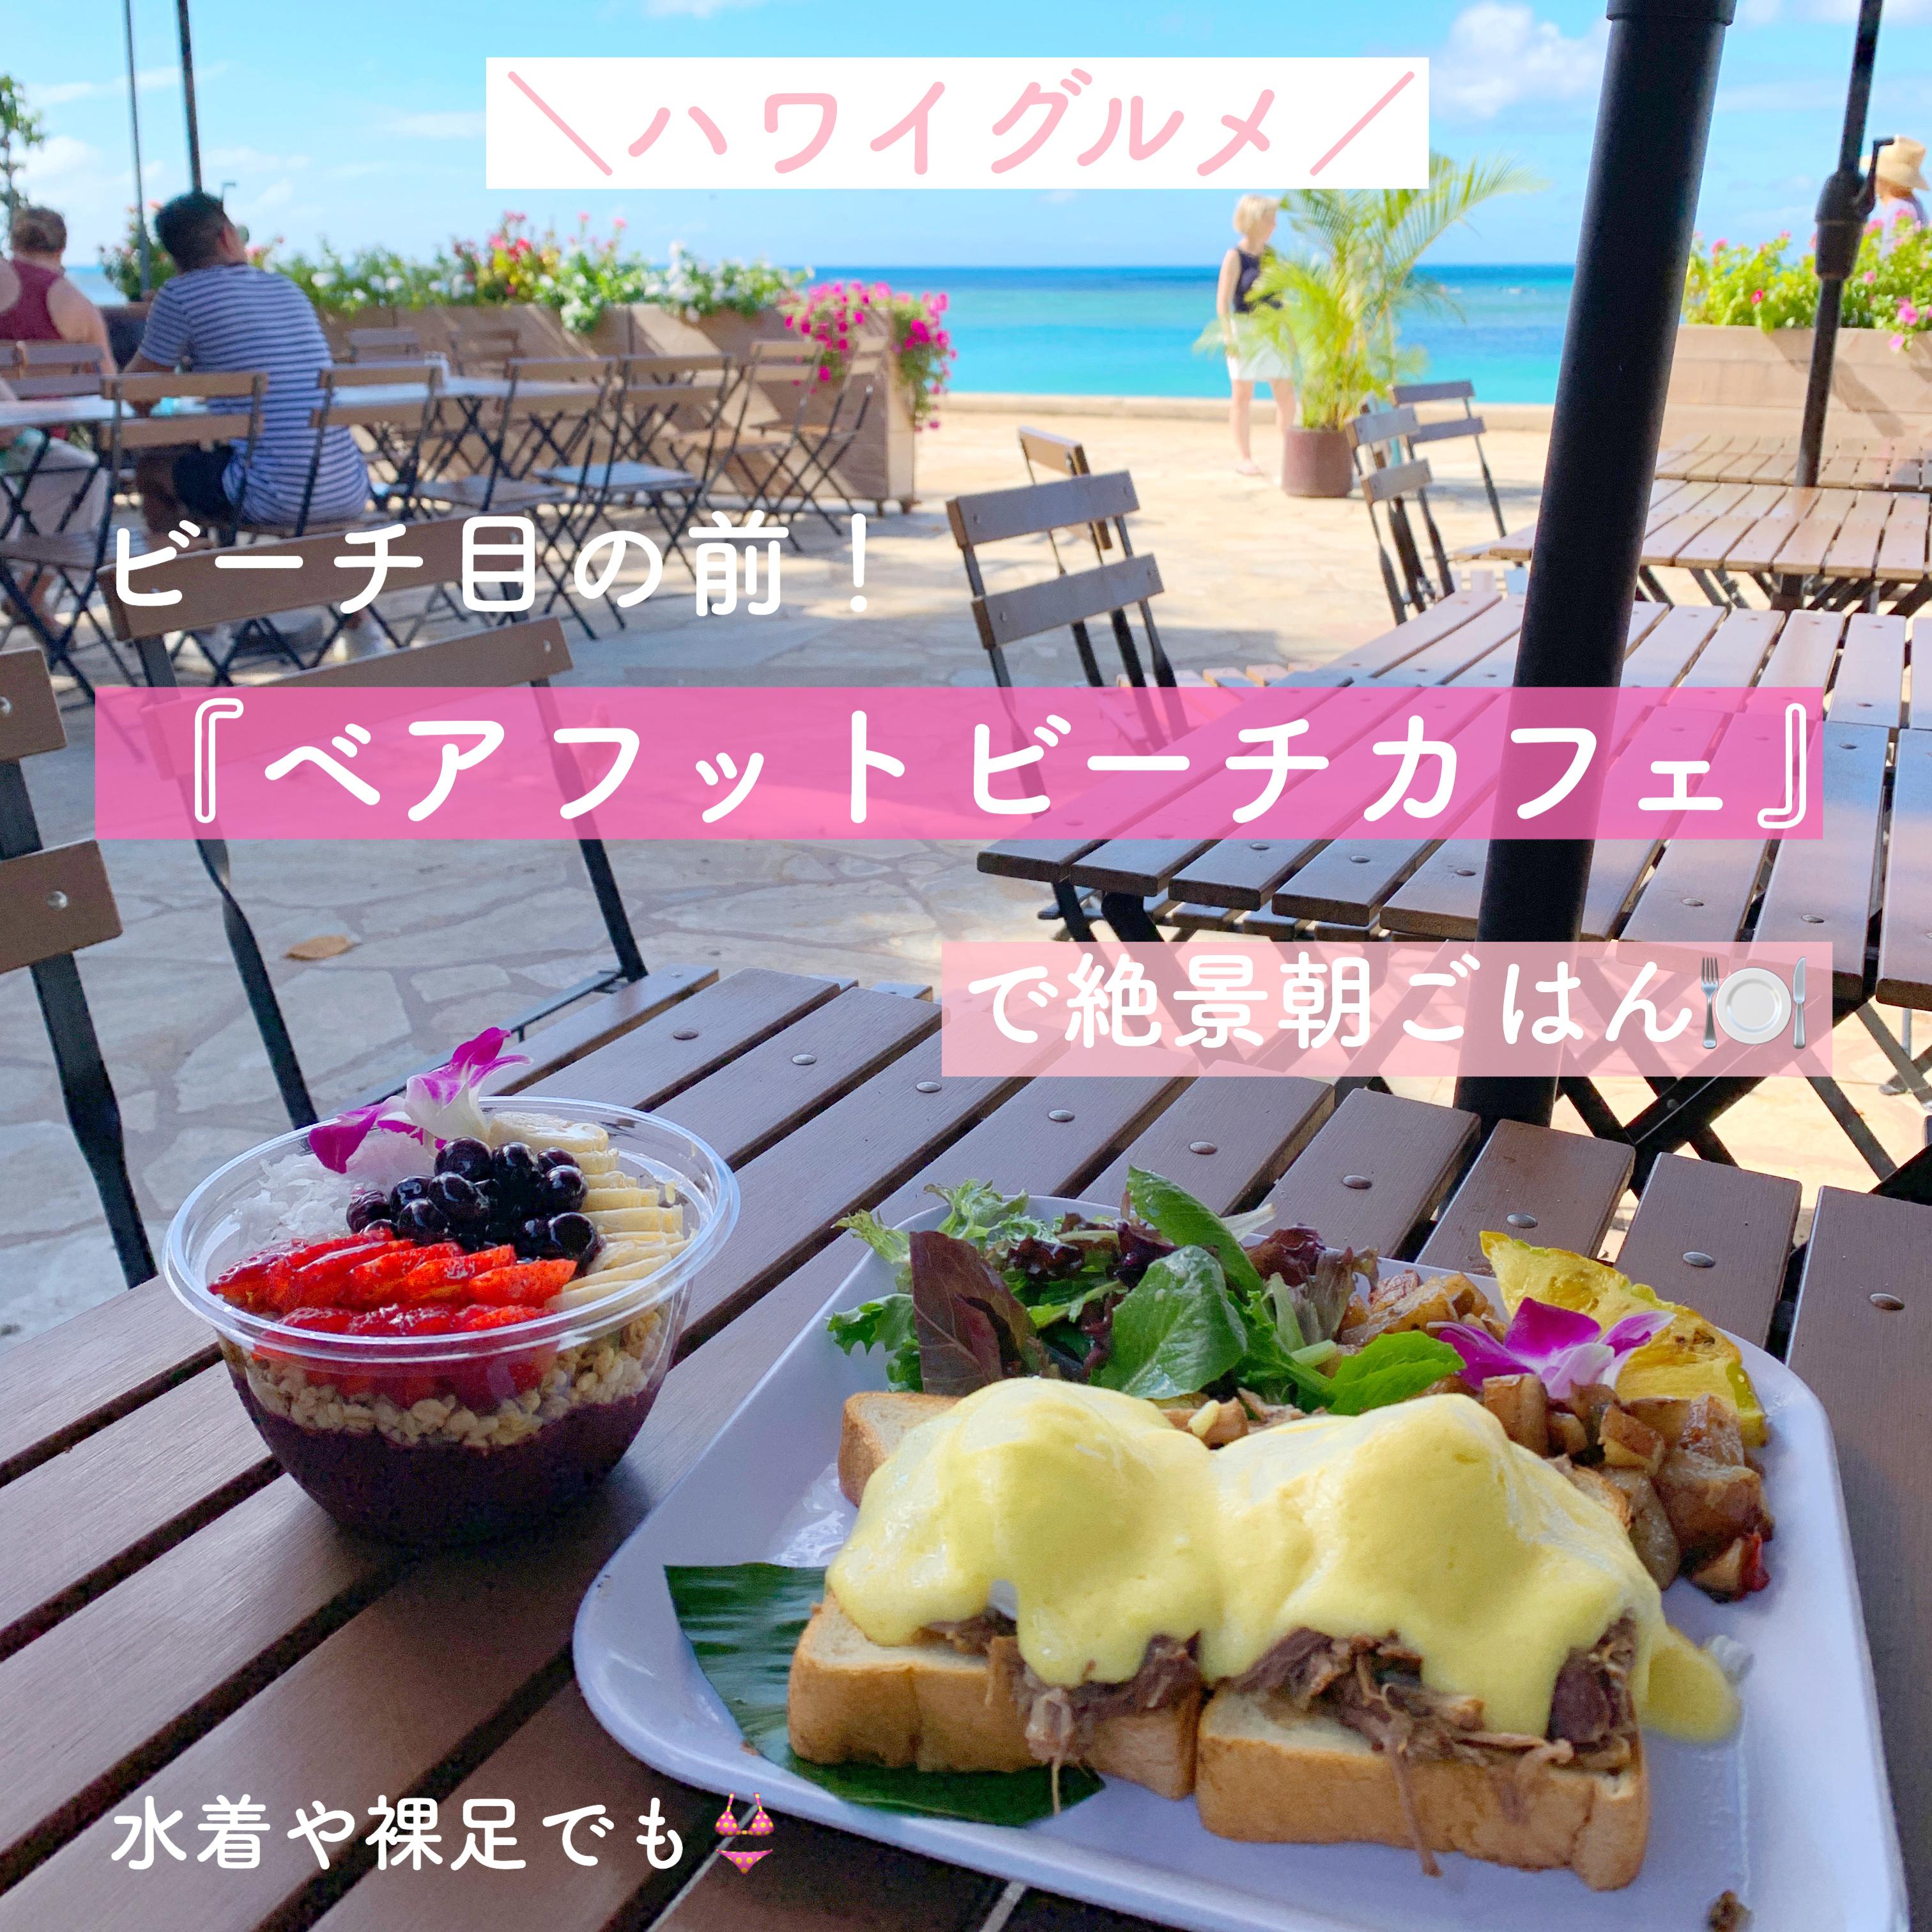 【ハワイ朝食】「ベアフット・ビーチ・カフェ」ビーチ目の前レストラン【メニュー・予約は?】